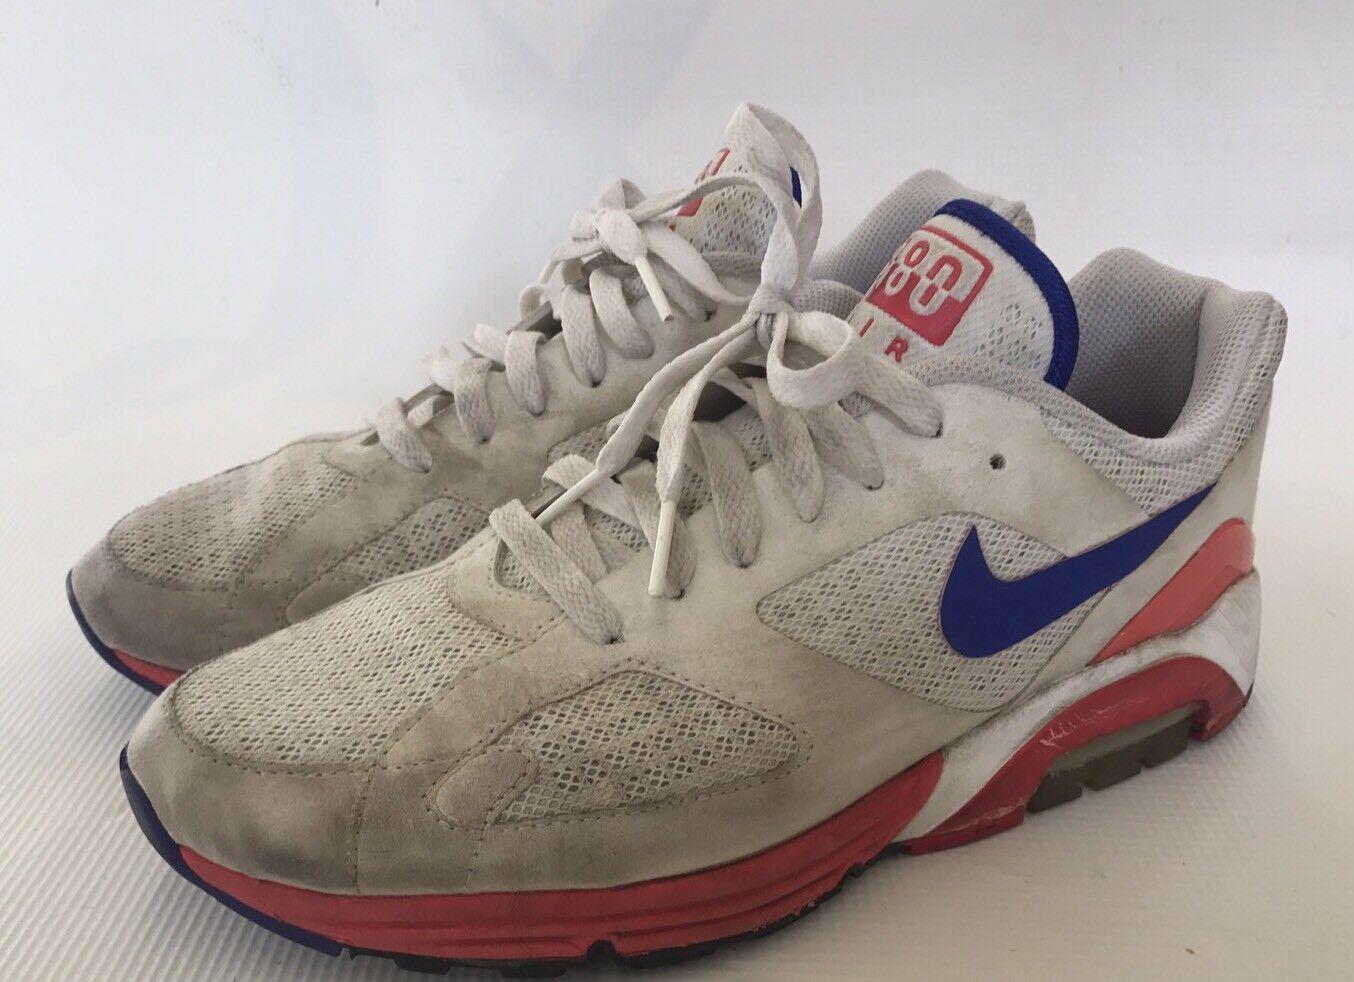 Nike Air Max lunar 180 hombres' s raro Corriendo Zapatos 8,5 Ultramarine raro s usado 6b1704